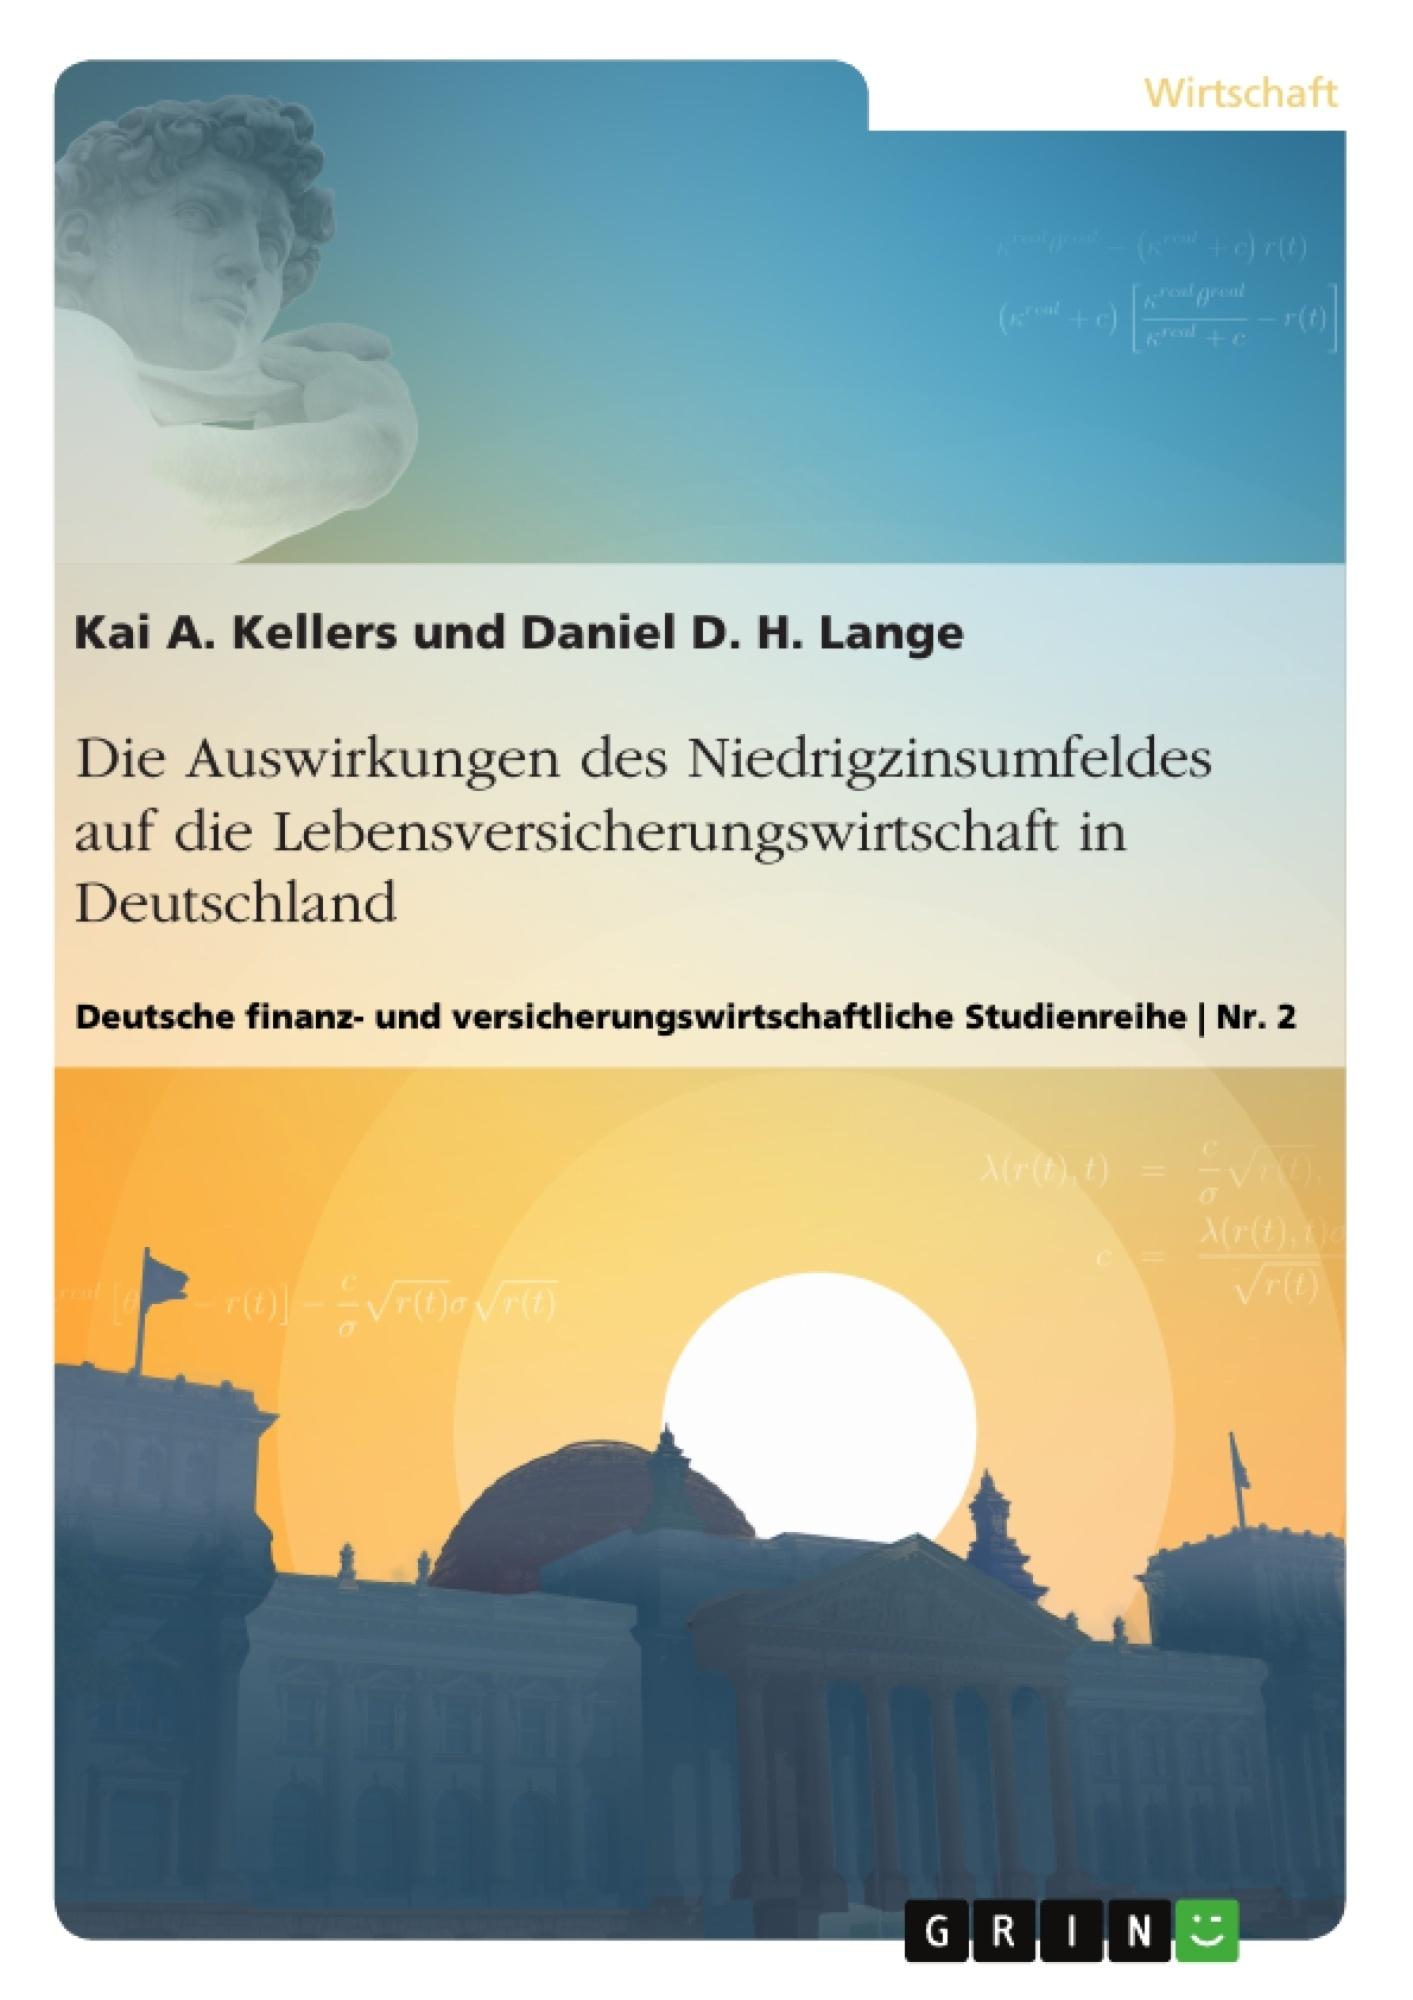 Titel: Die Auswirkungen des Niedrigzinsumfeldes auf die Lebensversicherungswirtschaft in  Deutschland